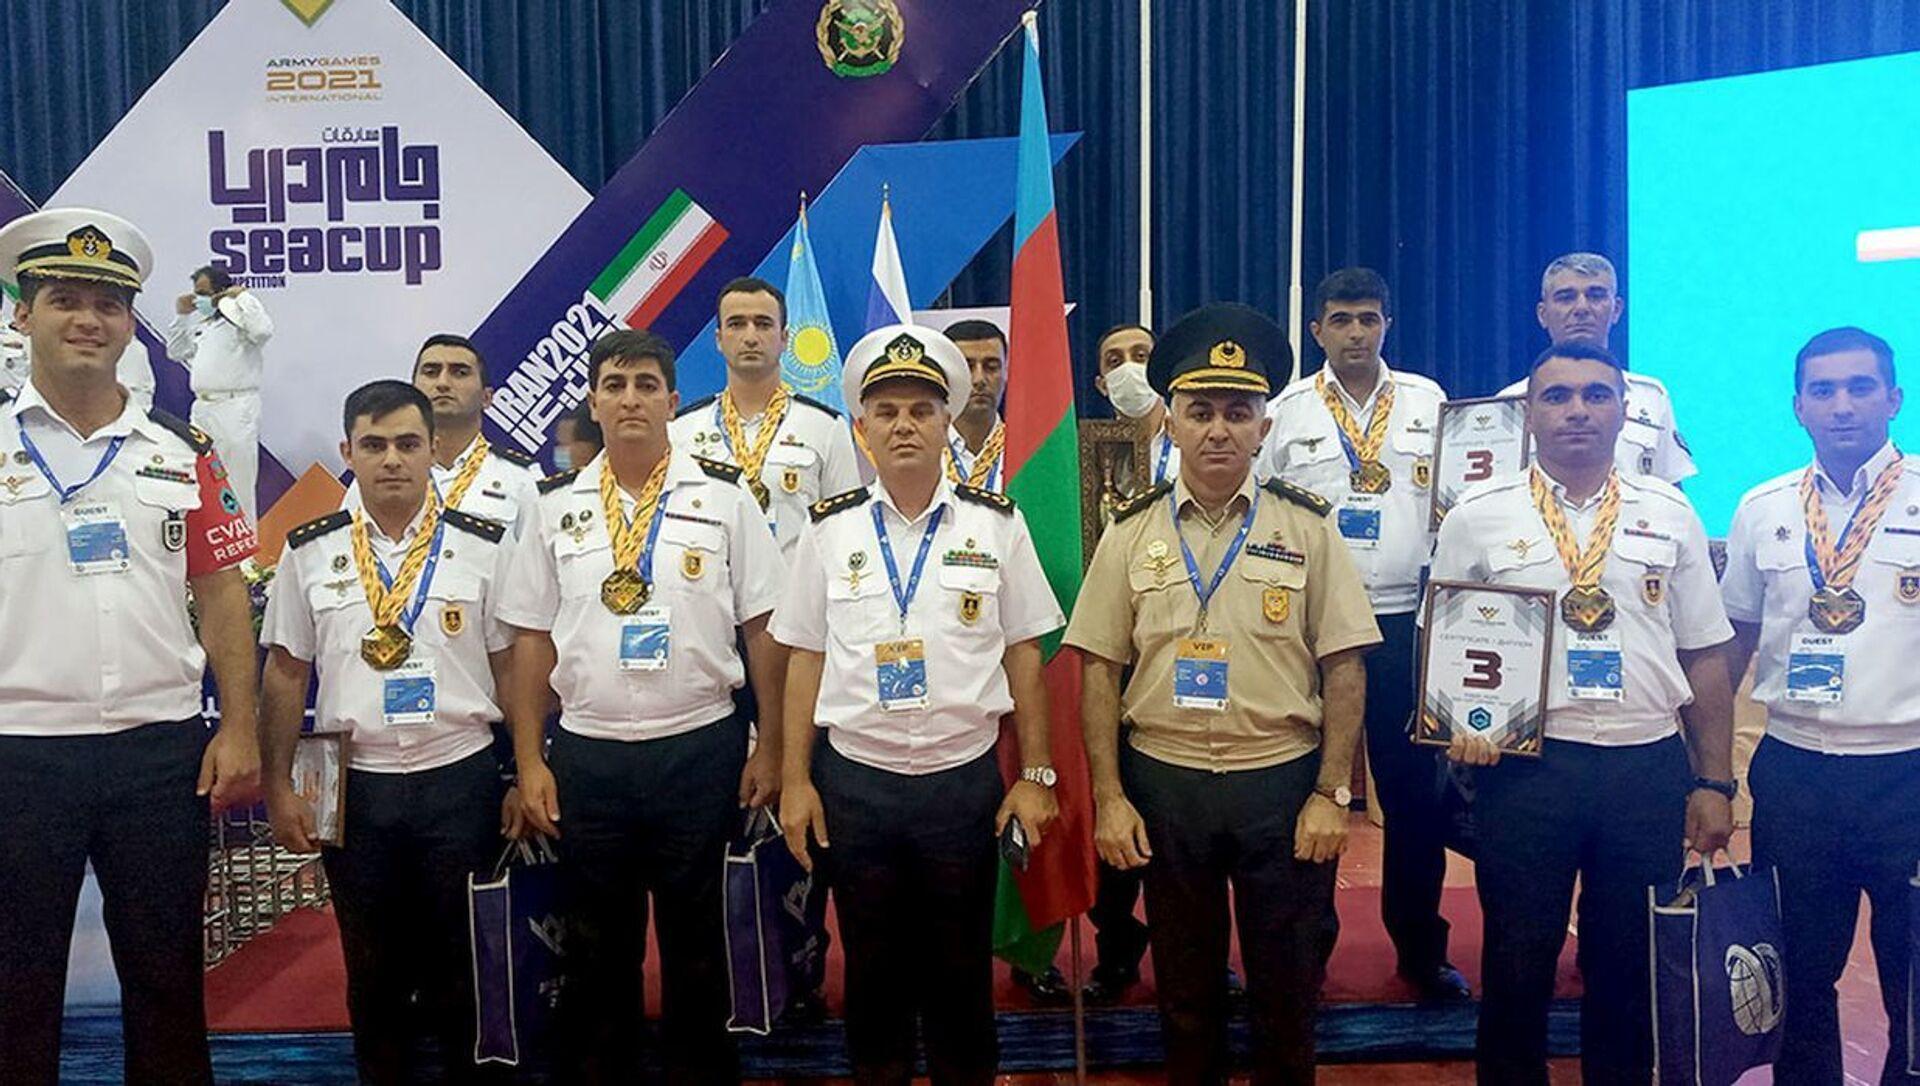 Состоялась церемония закрытия конкурса «Кубок моря» - Sputnik Азербайджан, 1920, 03.09.2021